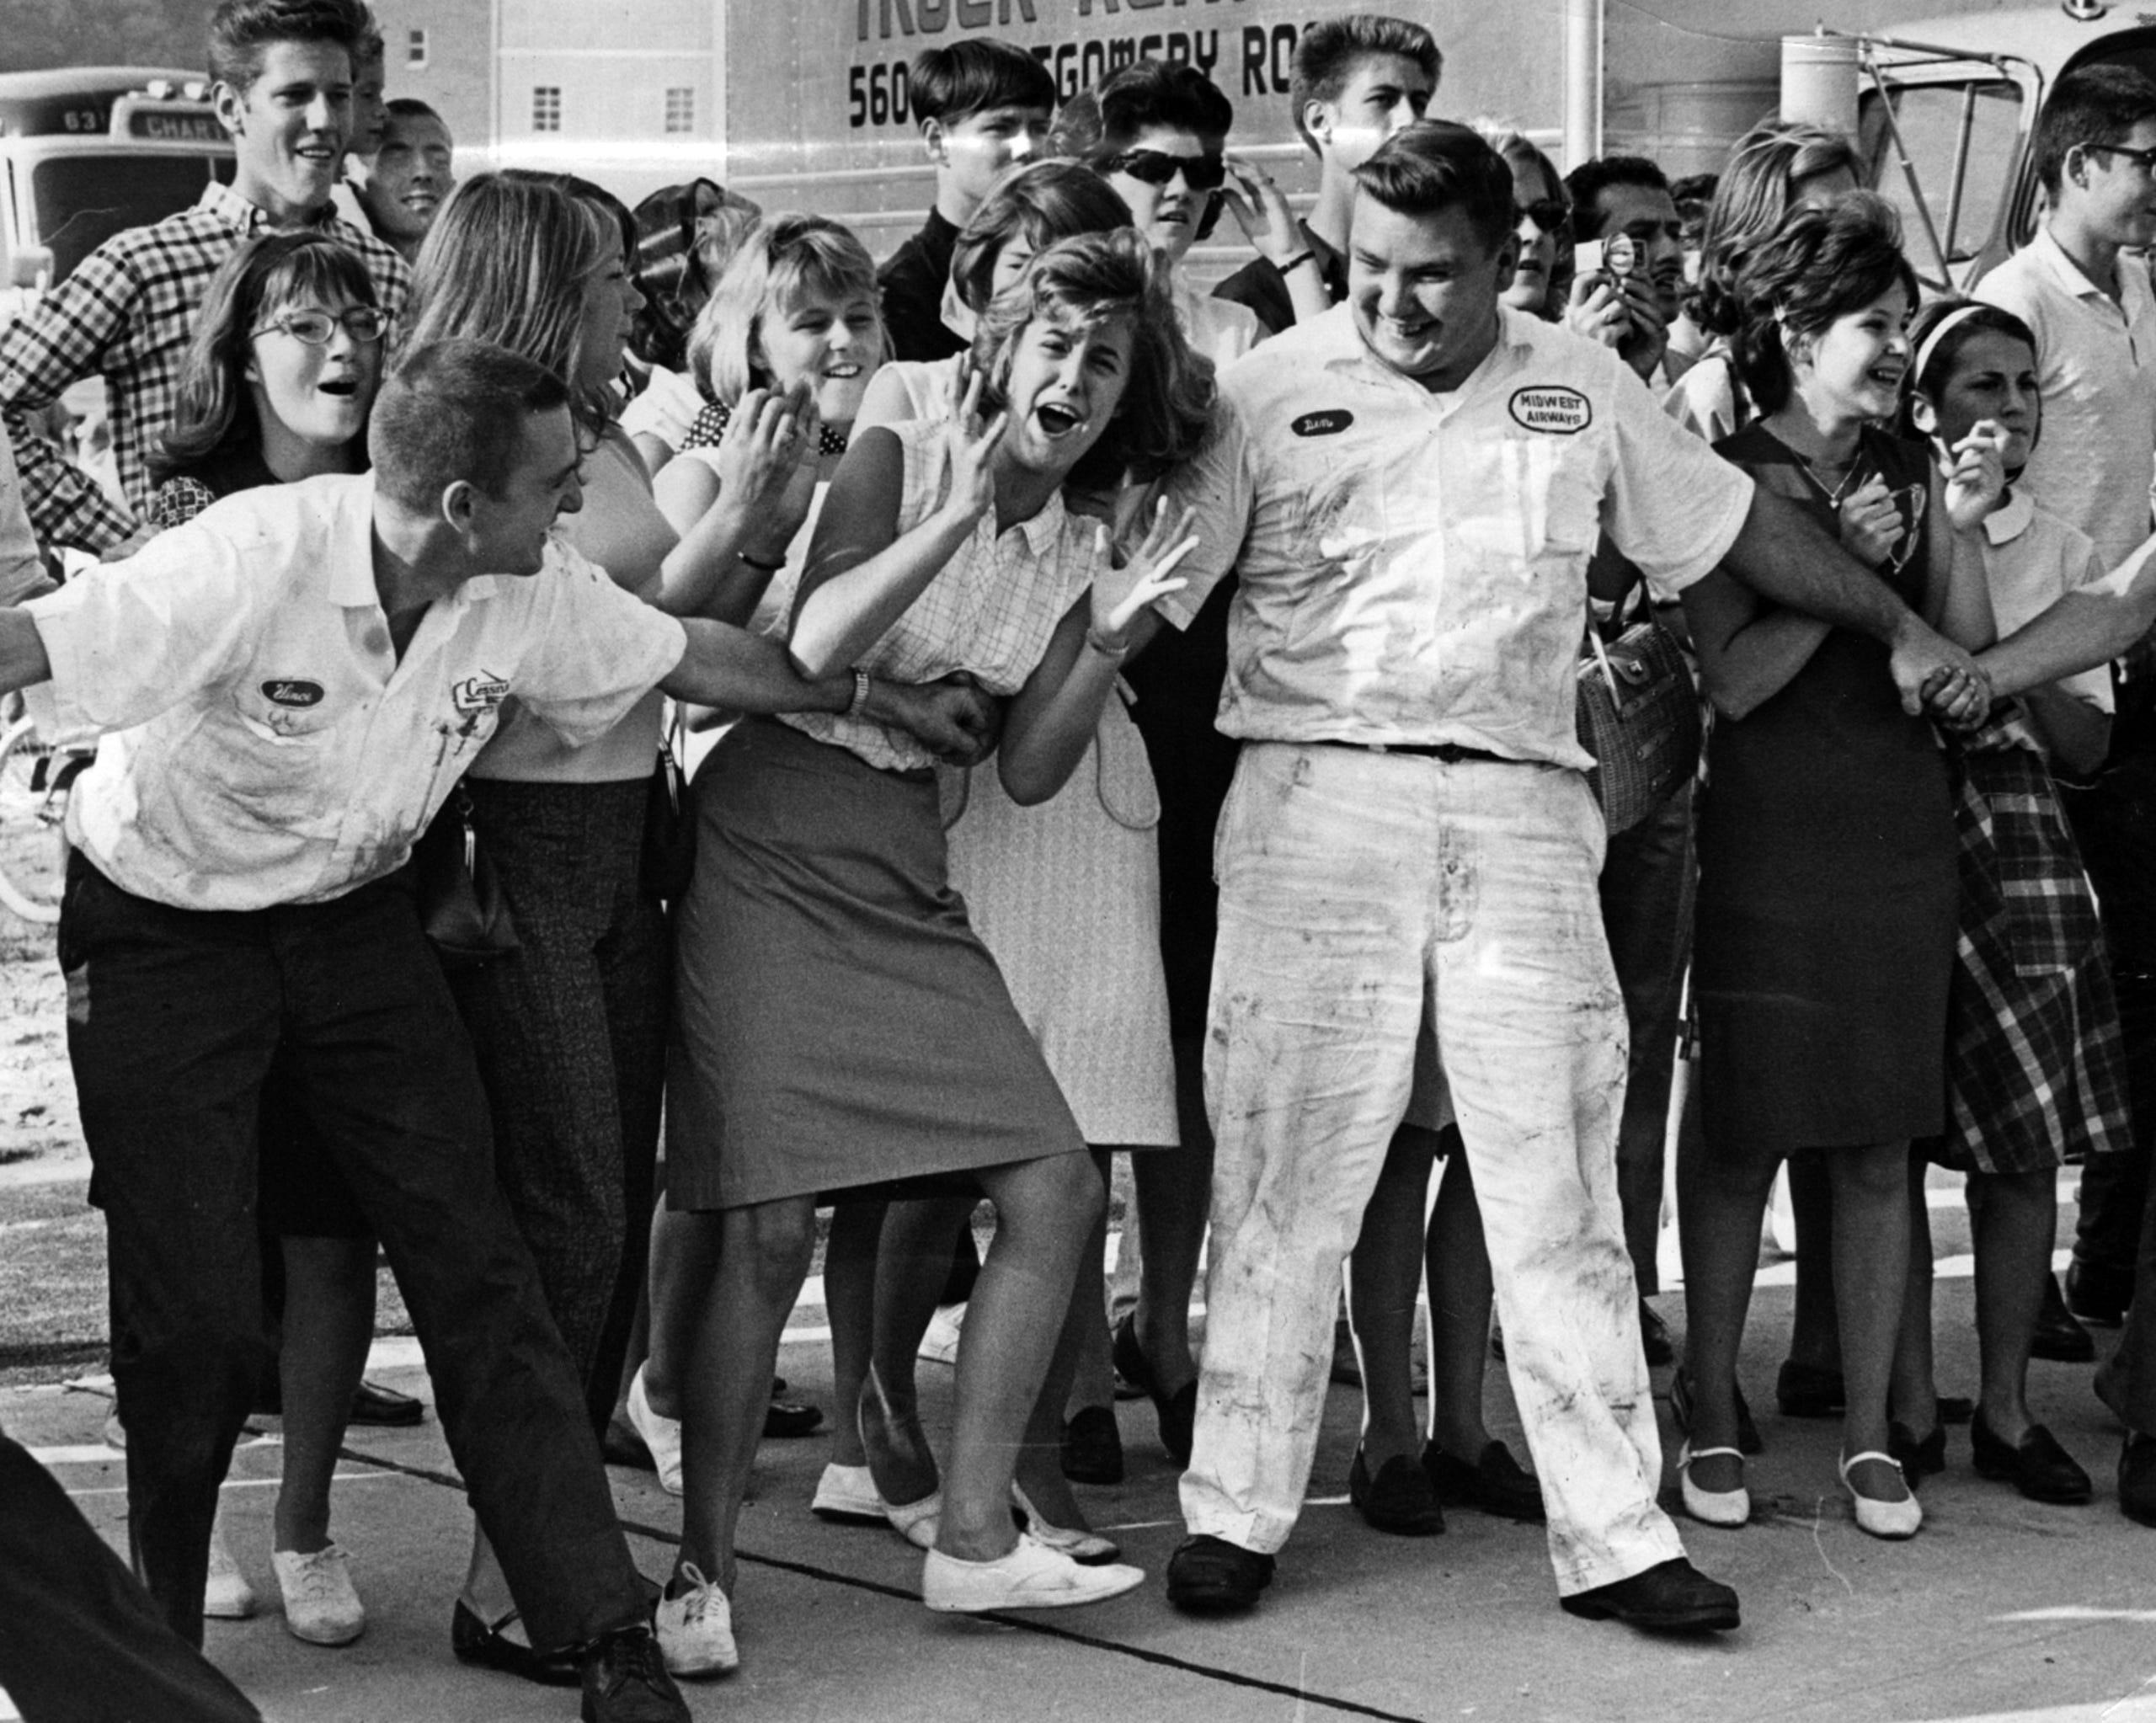 In 1964, still like 'yesterday': Beatles at Cincinnati Gardens